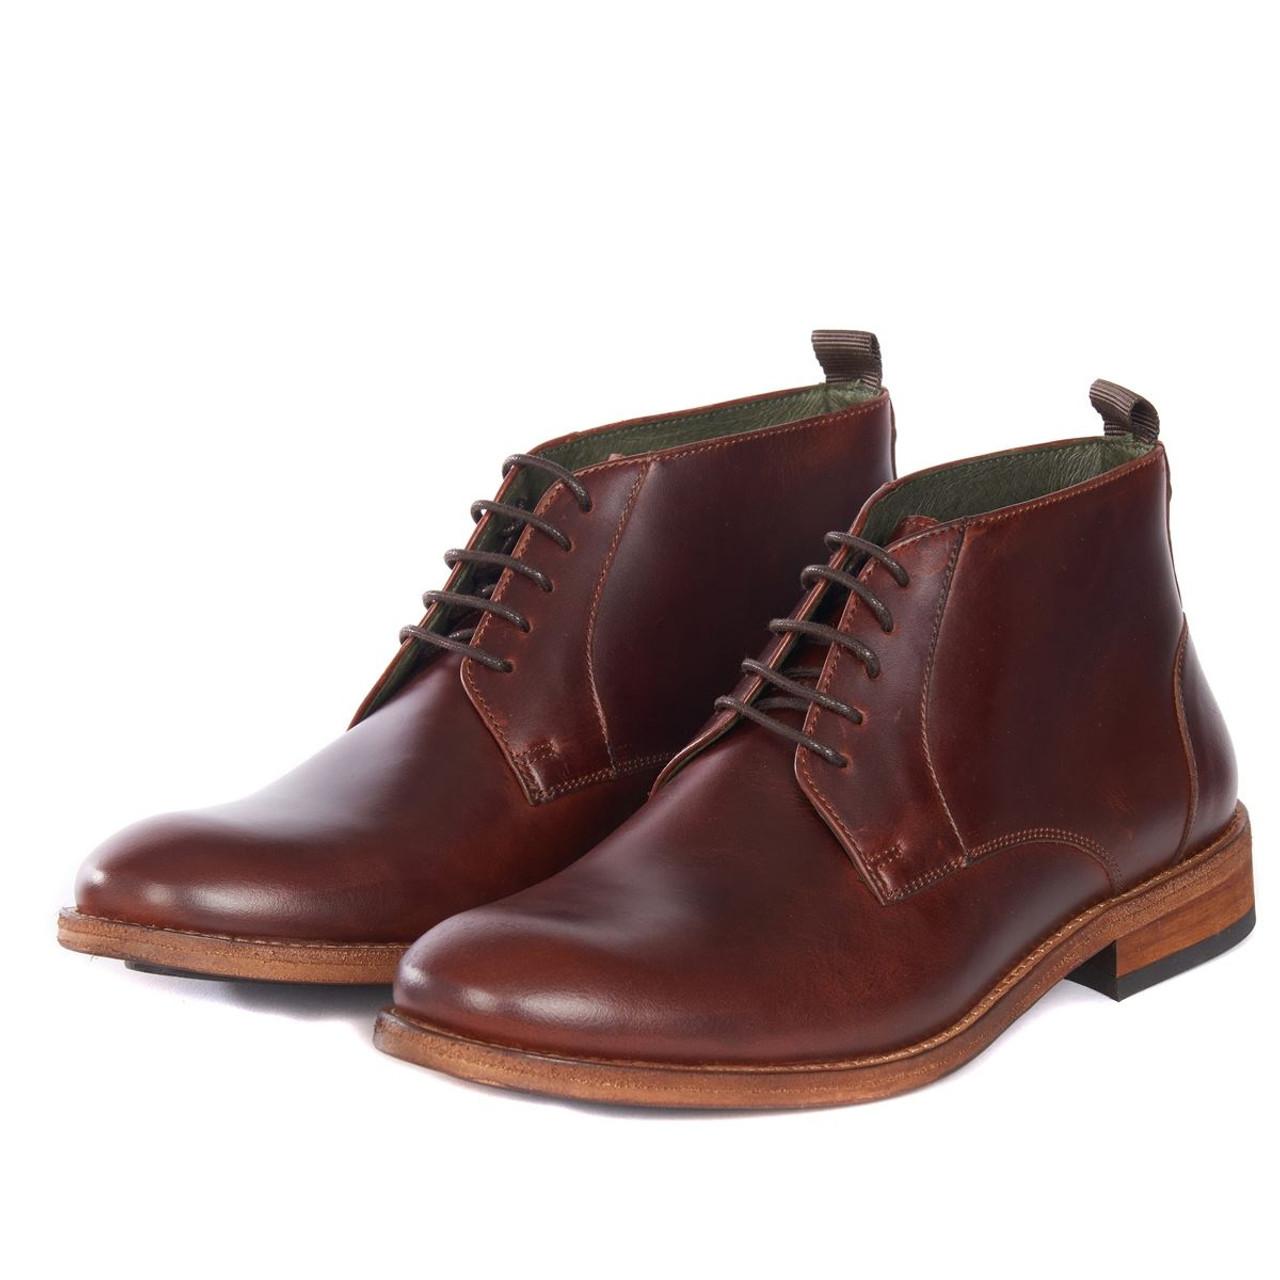 Barbour Benwell Chukka Boot